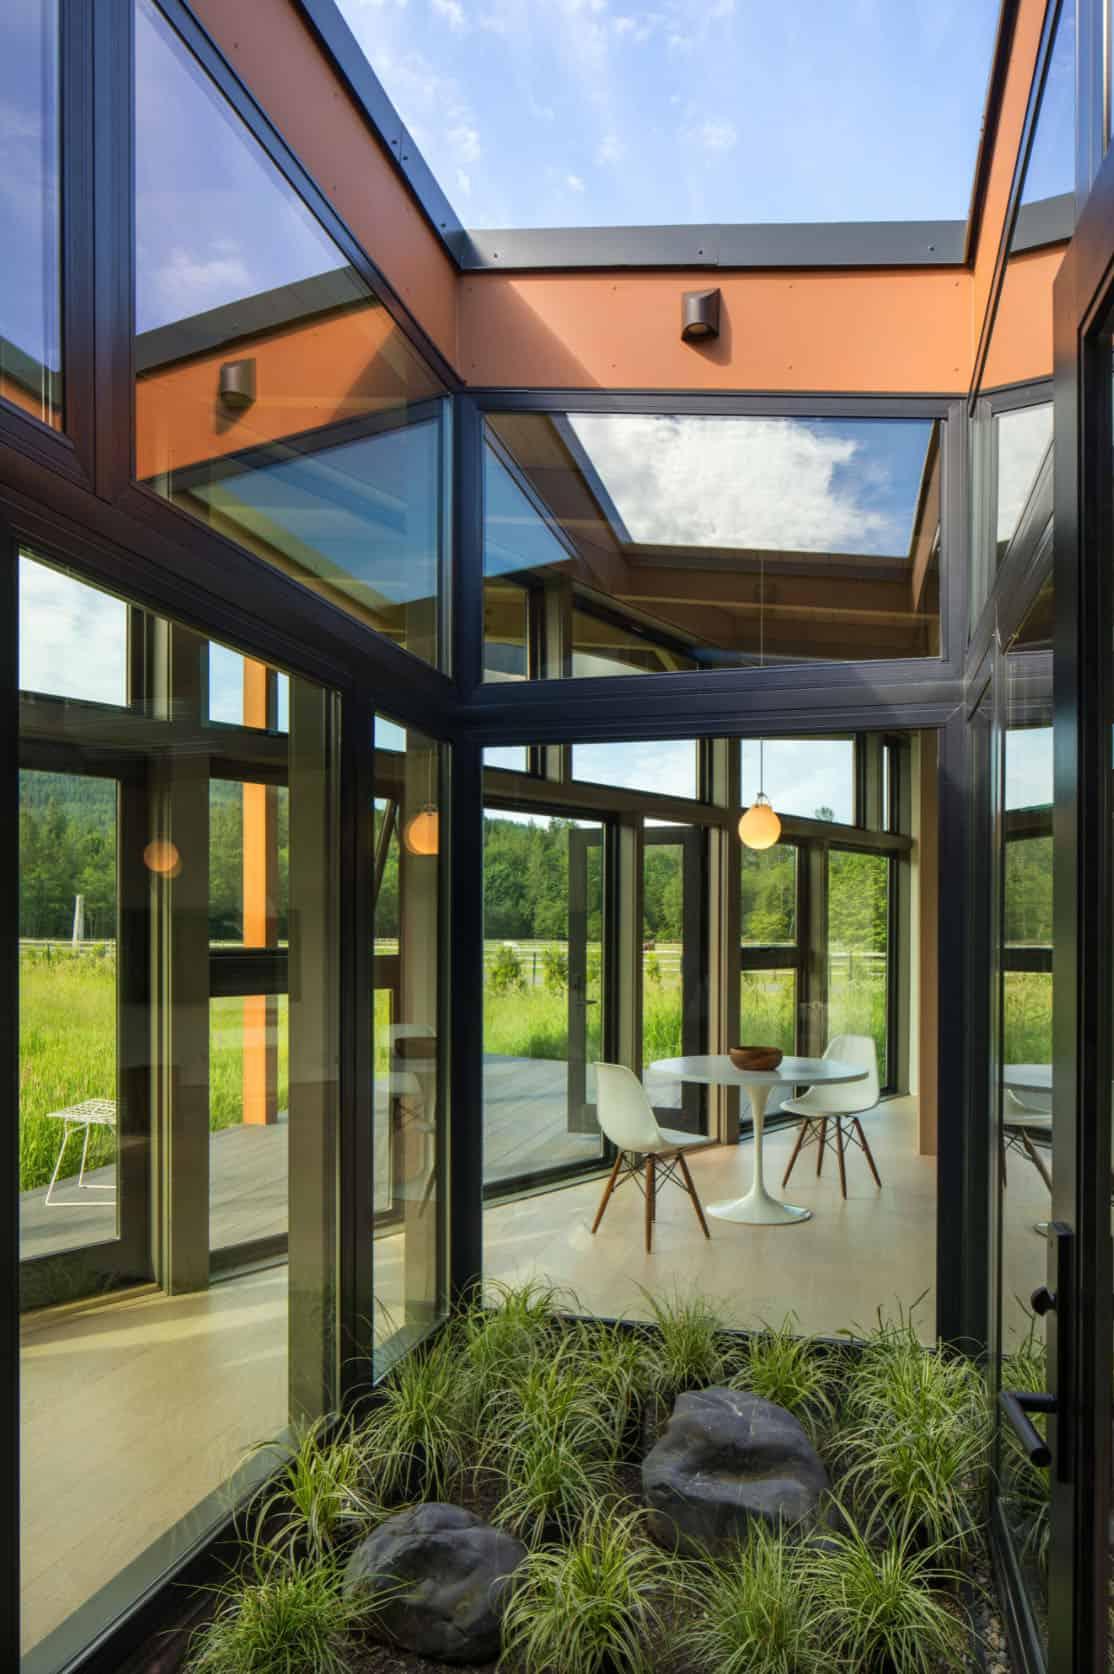 intérieur-cour-paysage-moderne